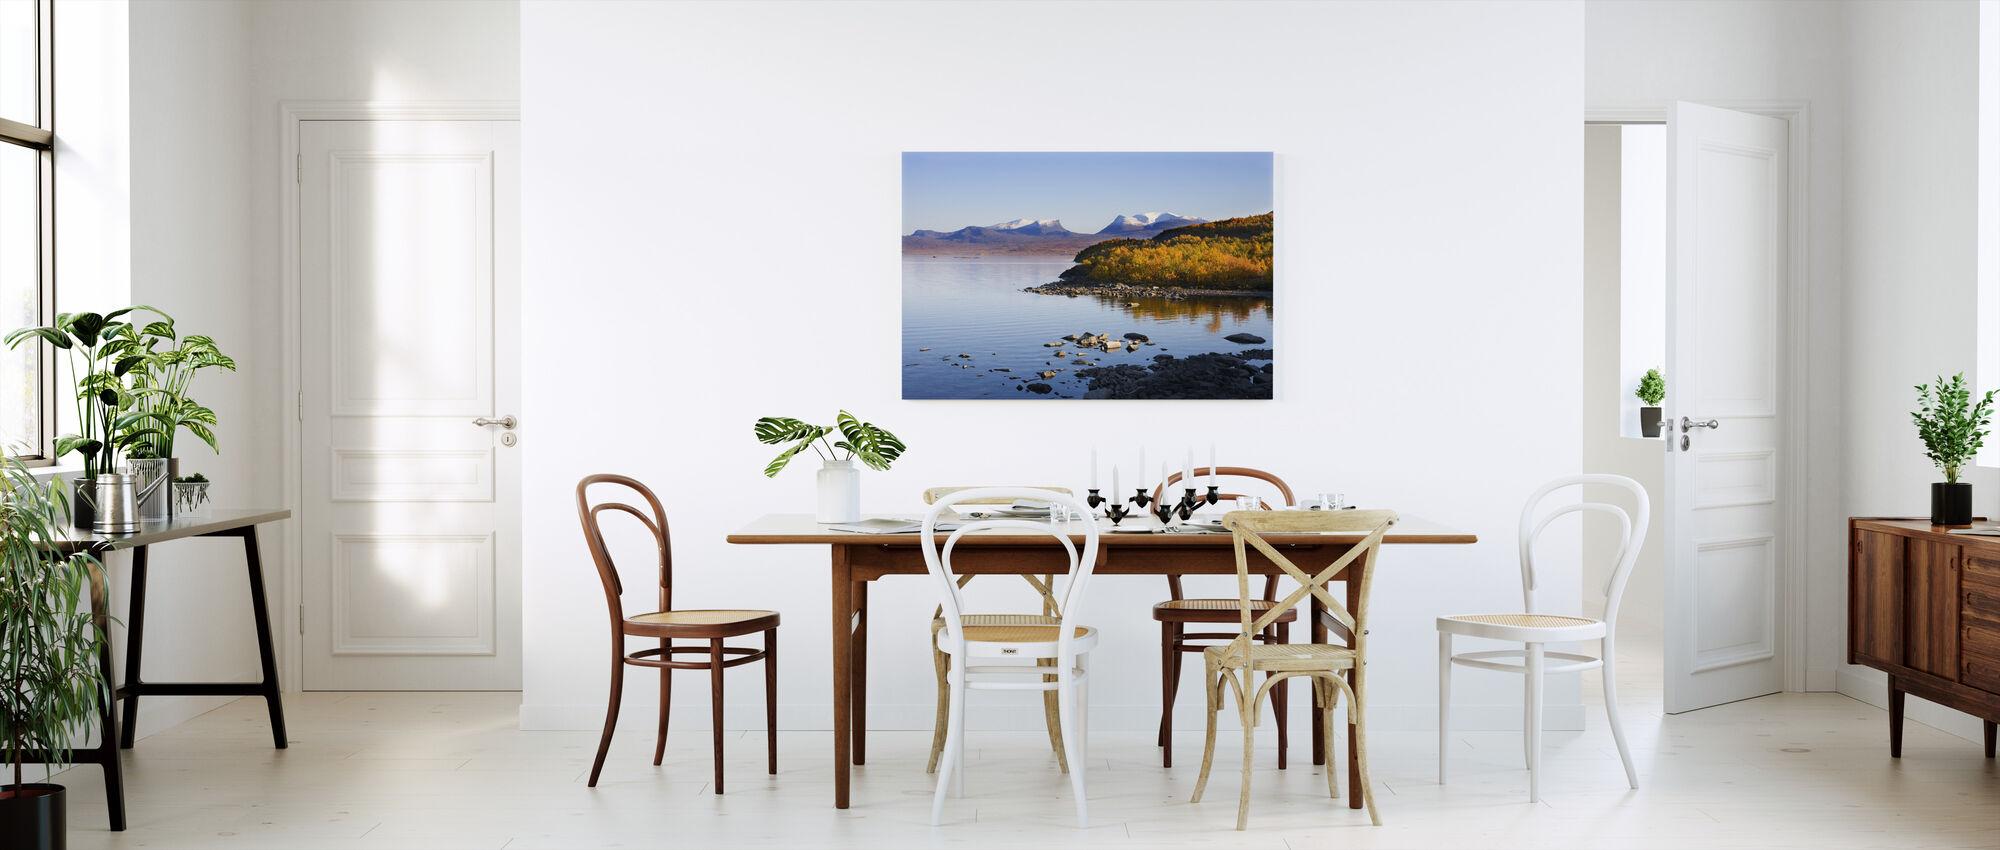 Lapporten in Abisko, Sweden - Canvas print - Kitchen